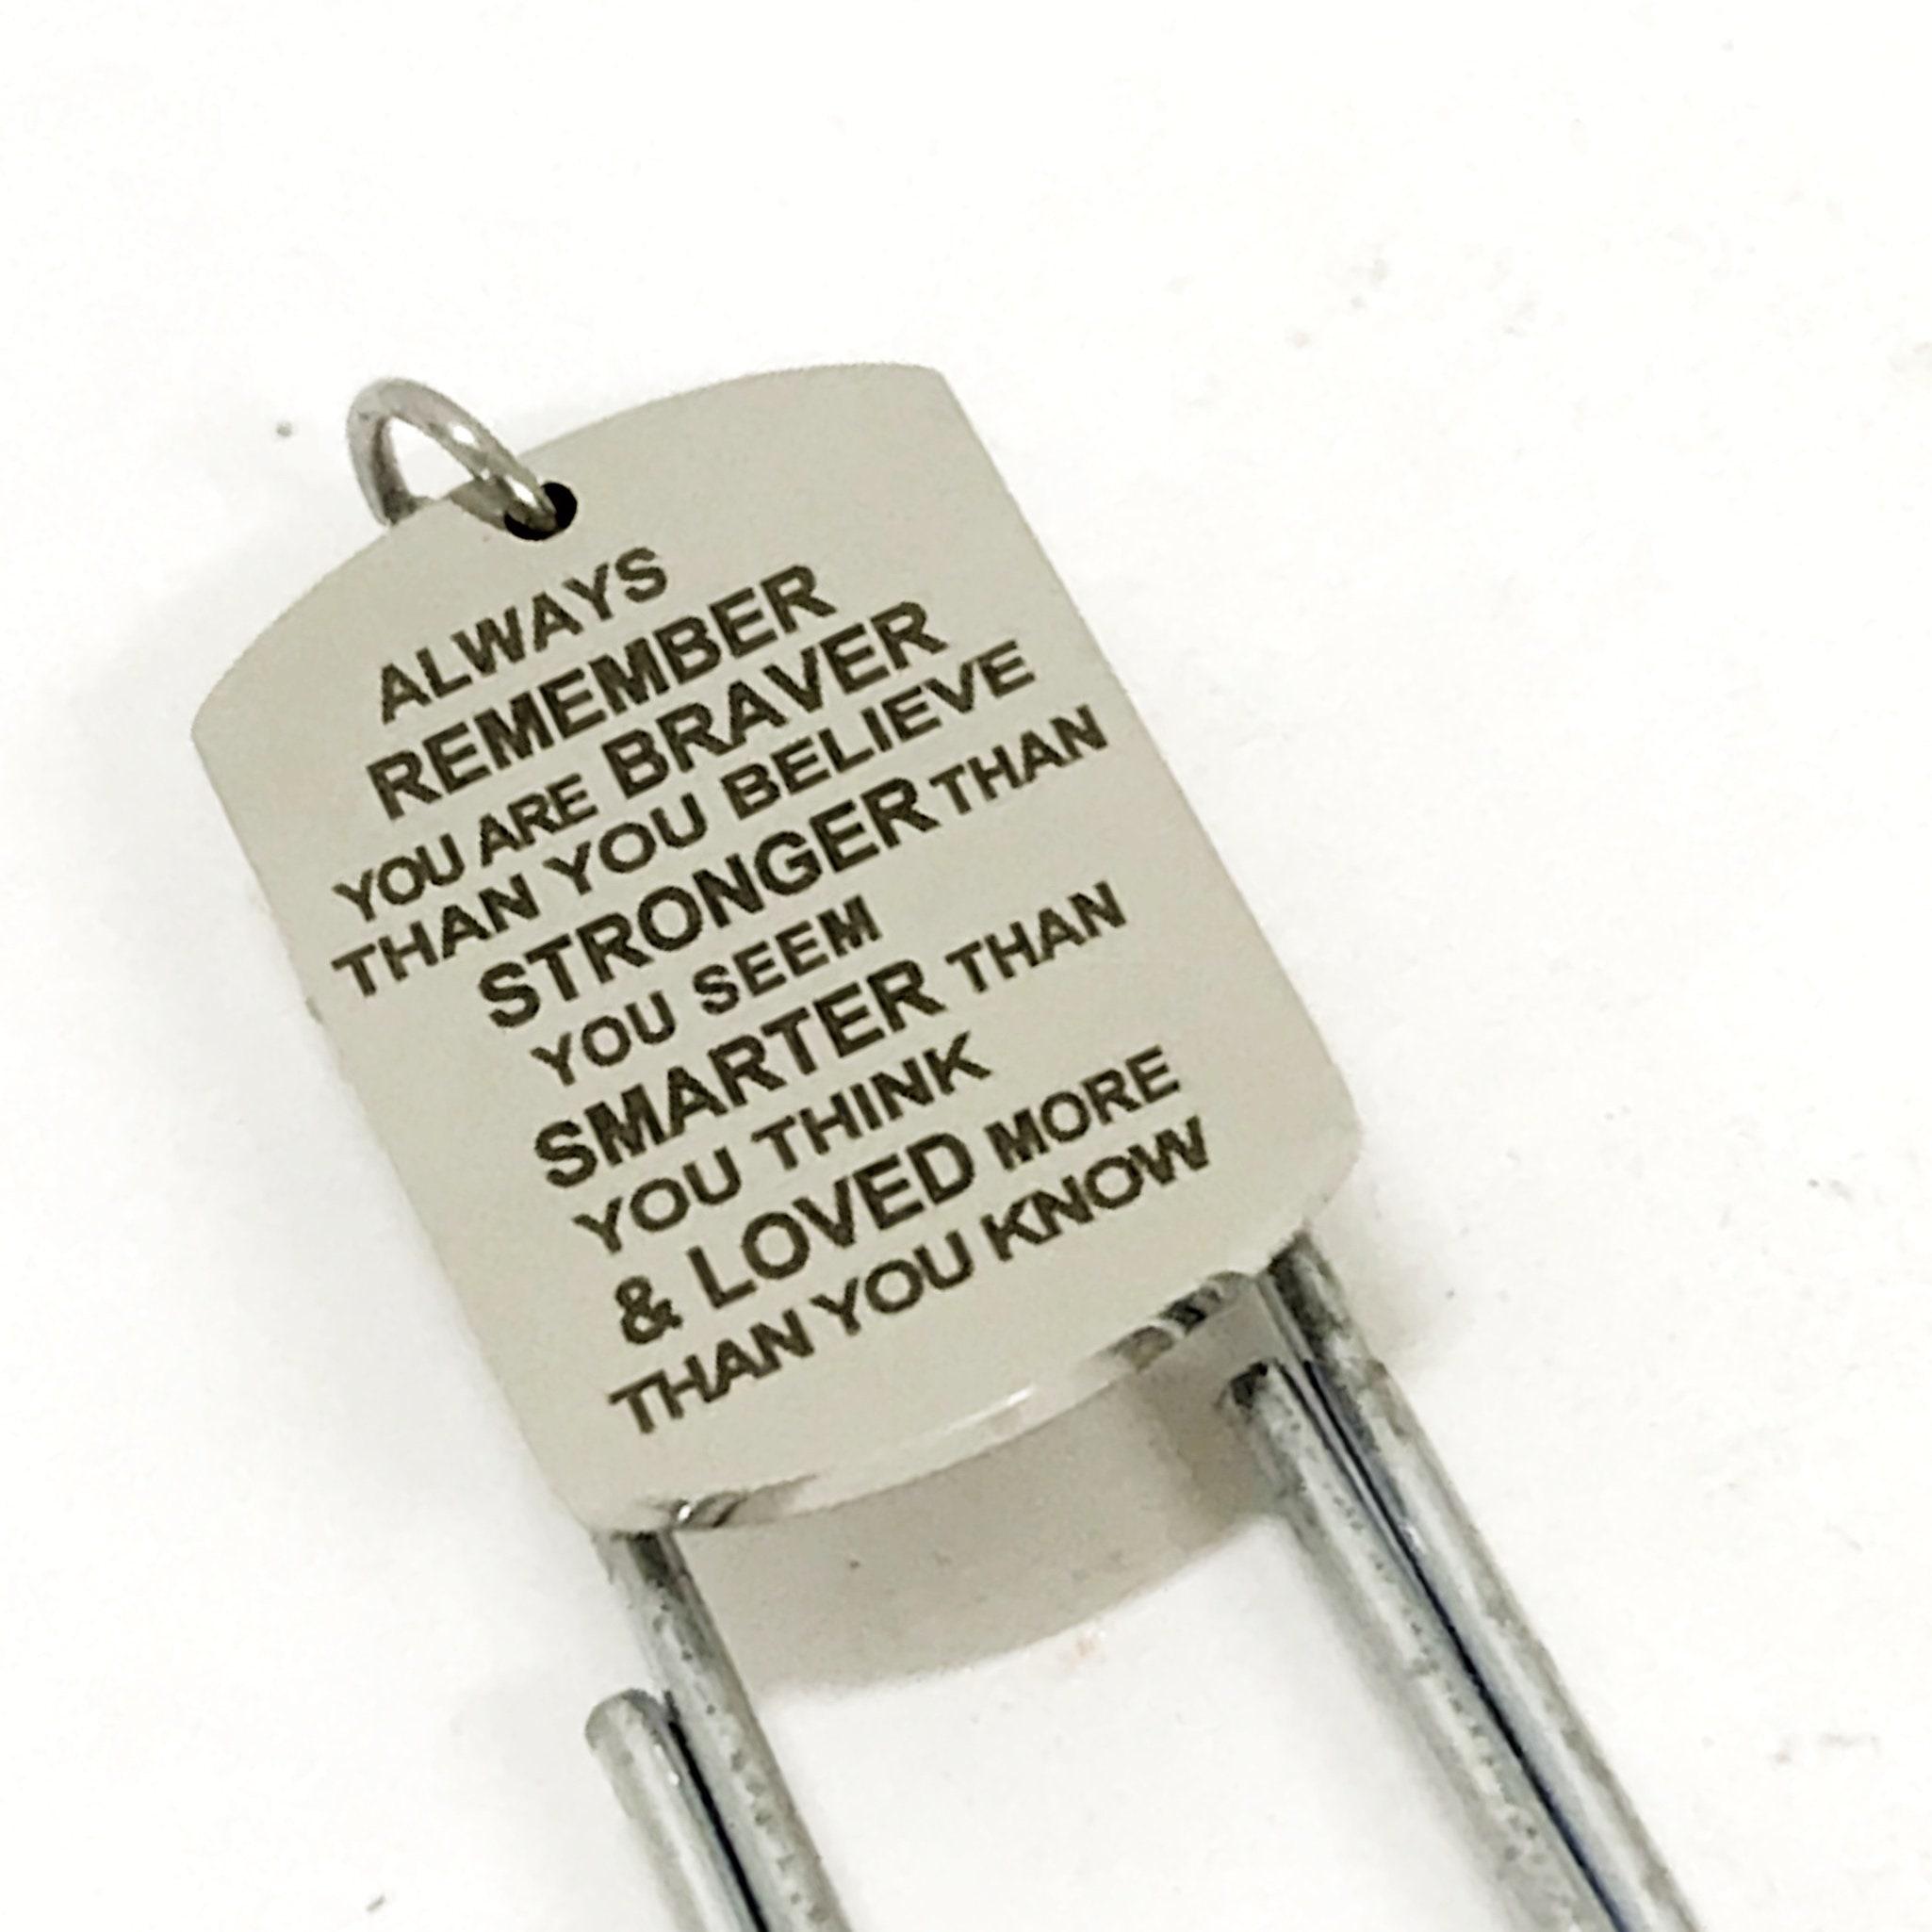 Encouragement Gift, Braver Stronger Smarter Loved